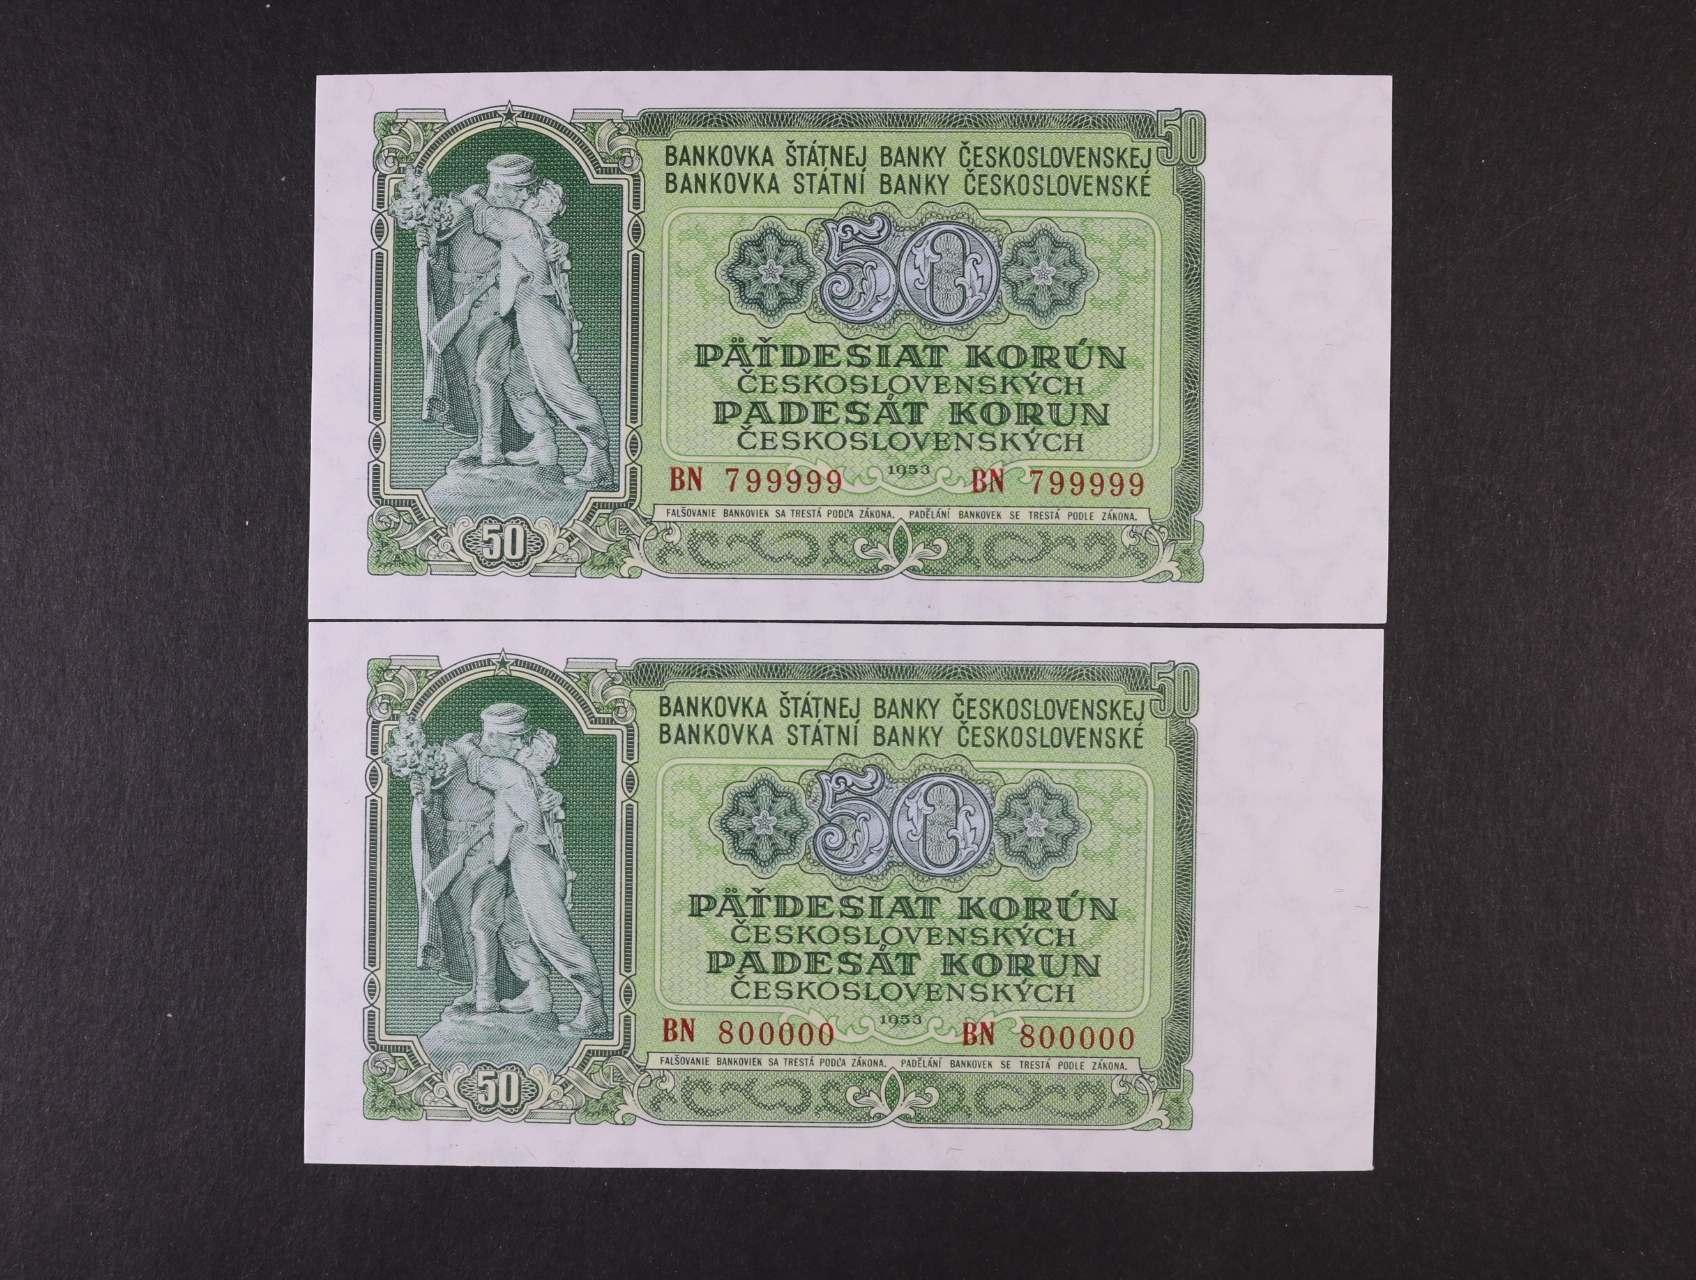 50 Kčs 1953 série BN 799999 a BN 800000, zajímavá čísla, Ba. 91a, Pi. 85a